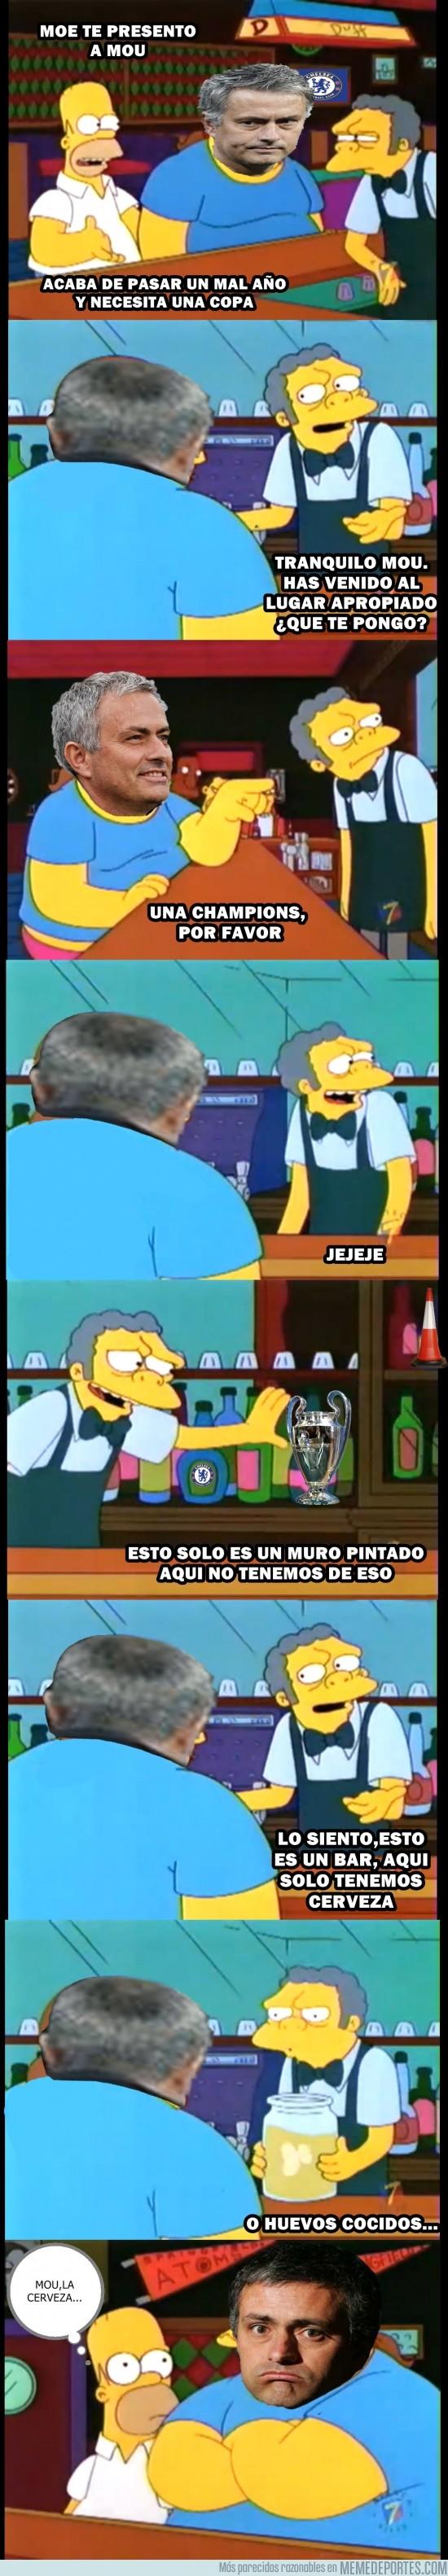 146598 - Mou en el Bar de Moe